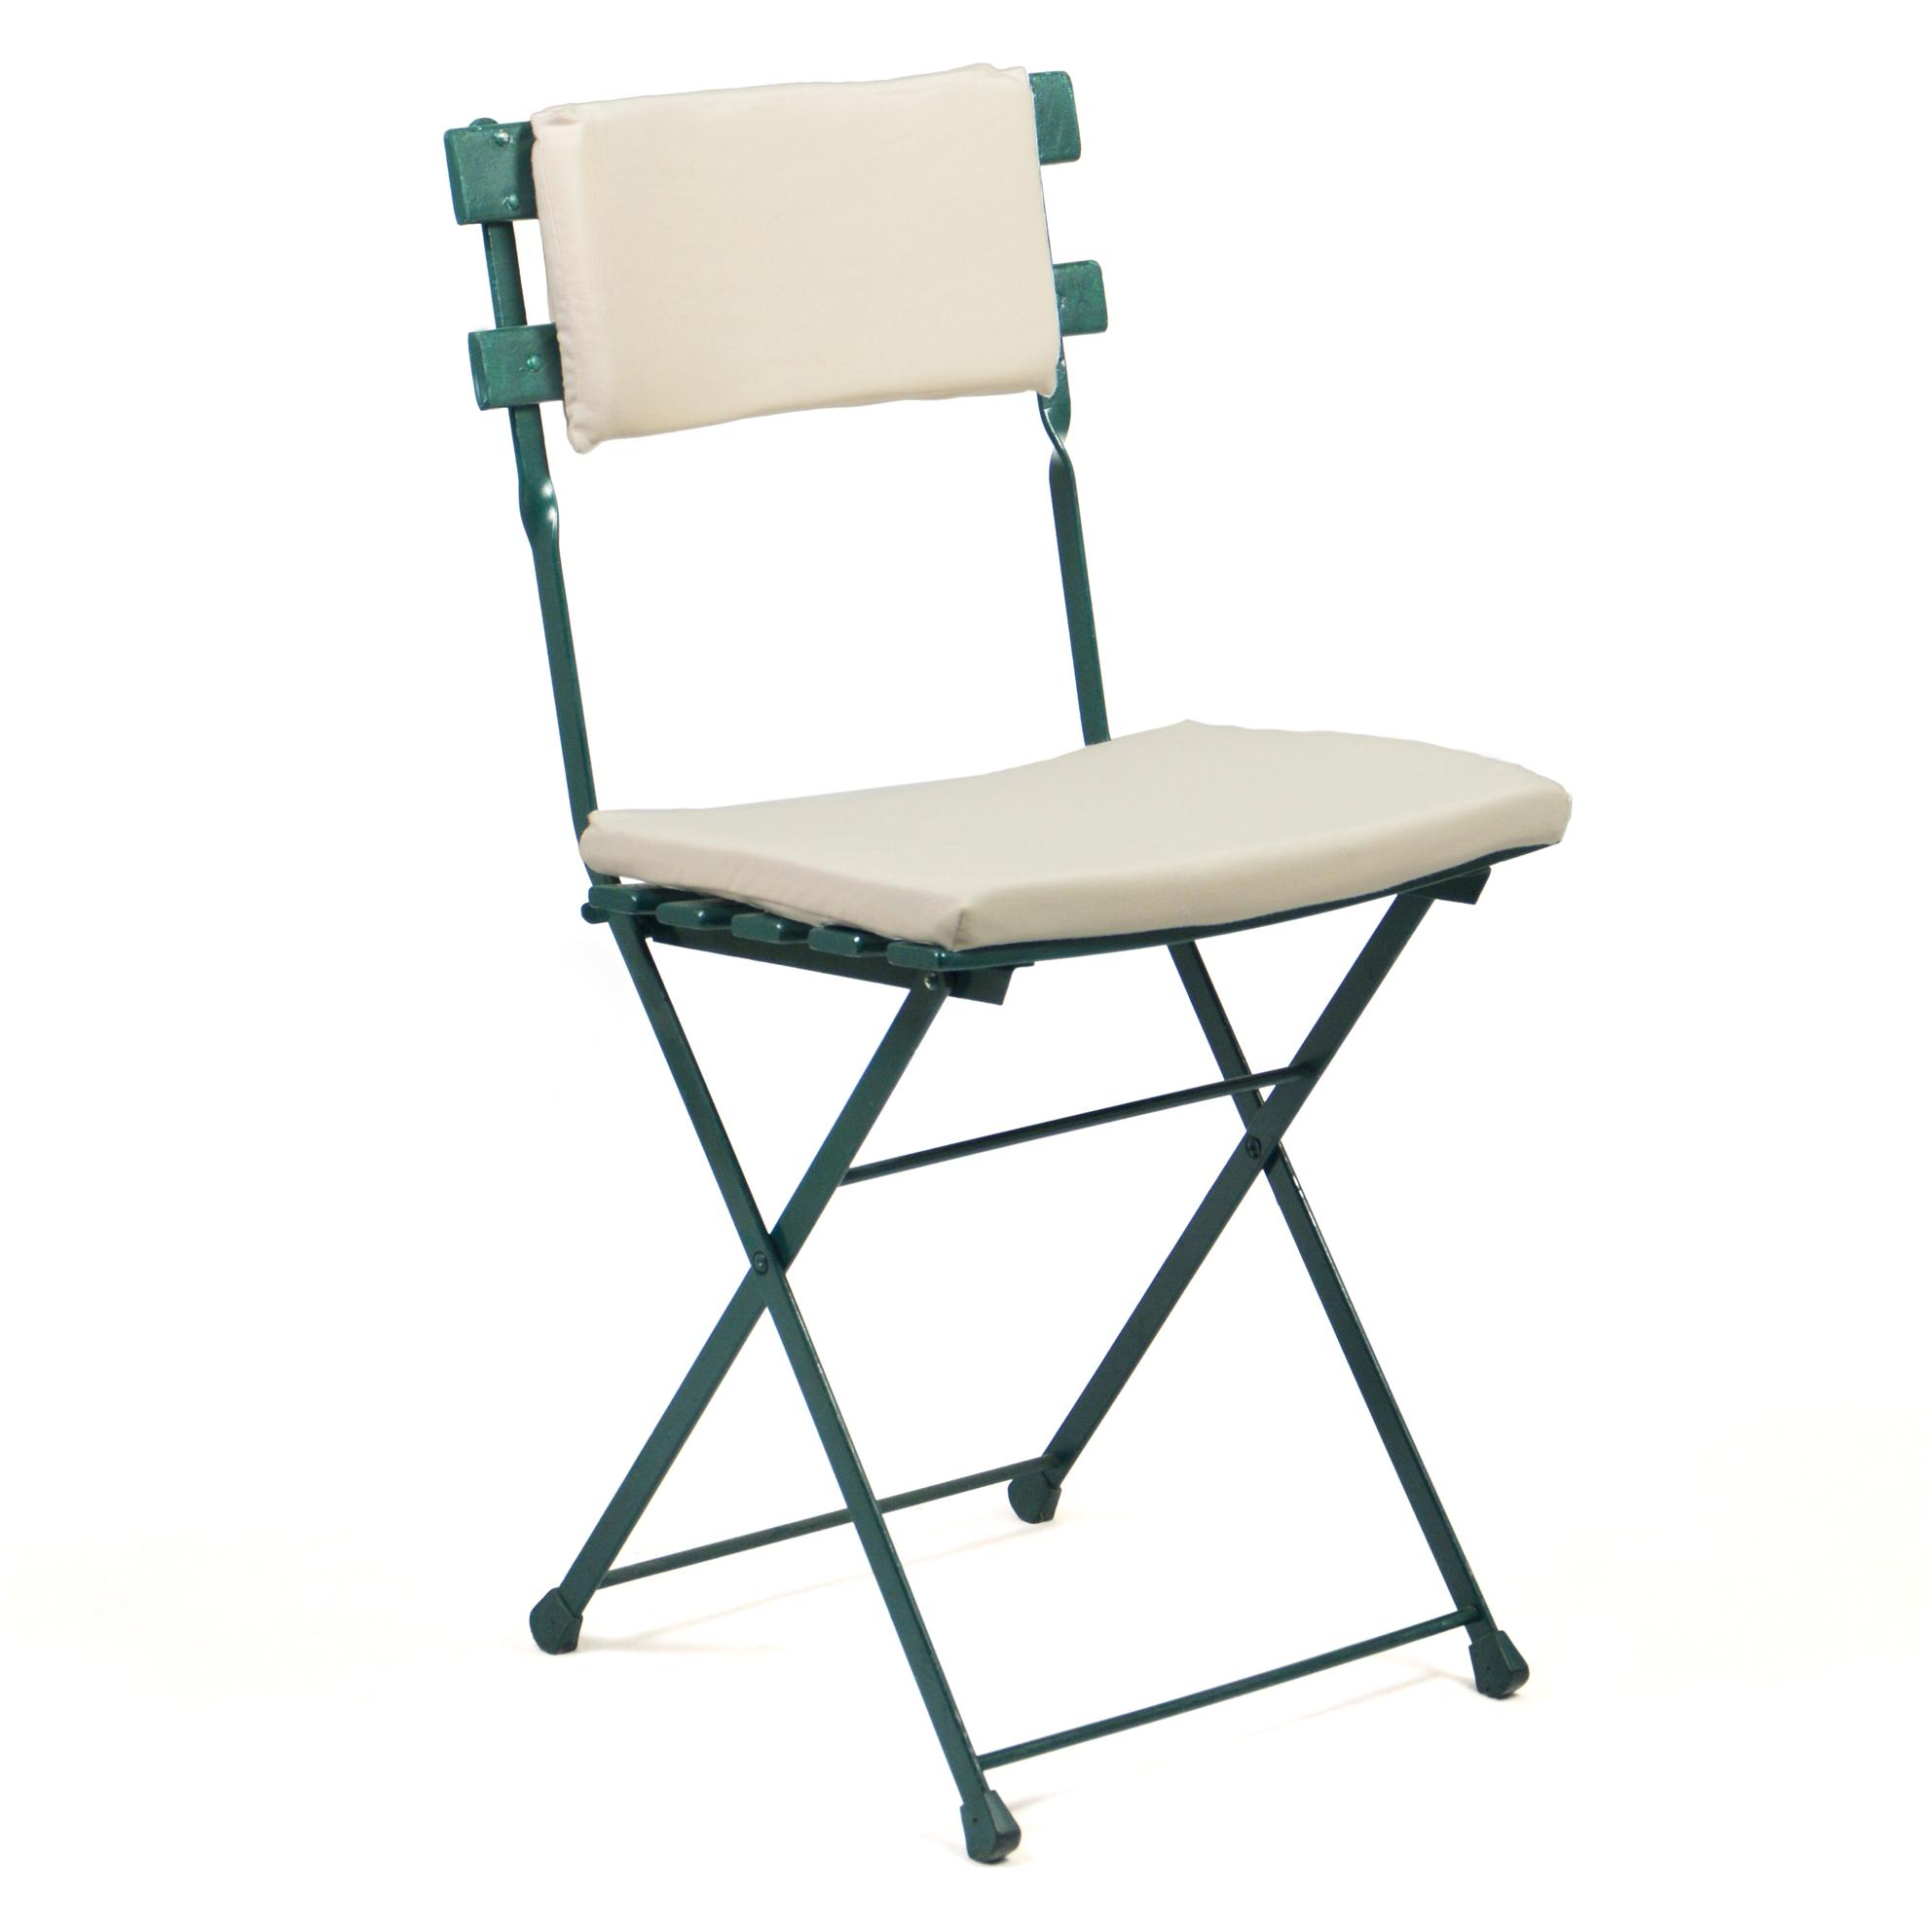 Cuscino e schienale per sedia club centro noleggio - Cuscino per sedia viola ...